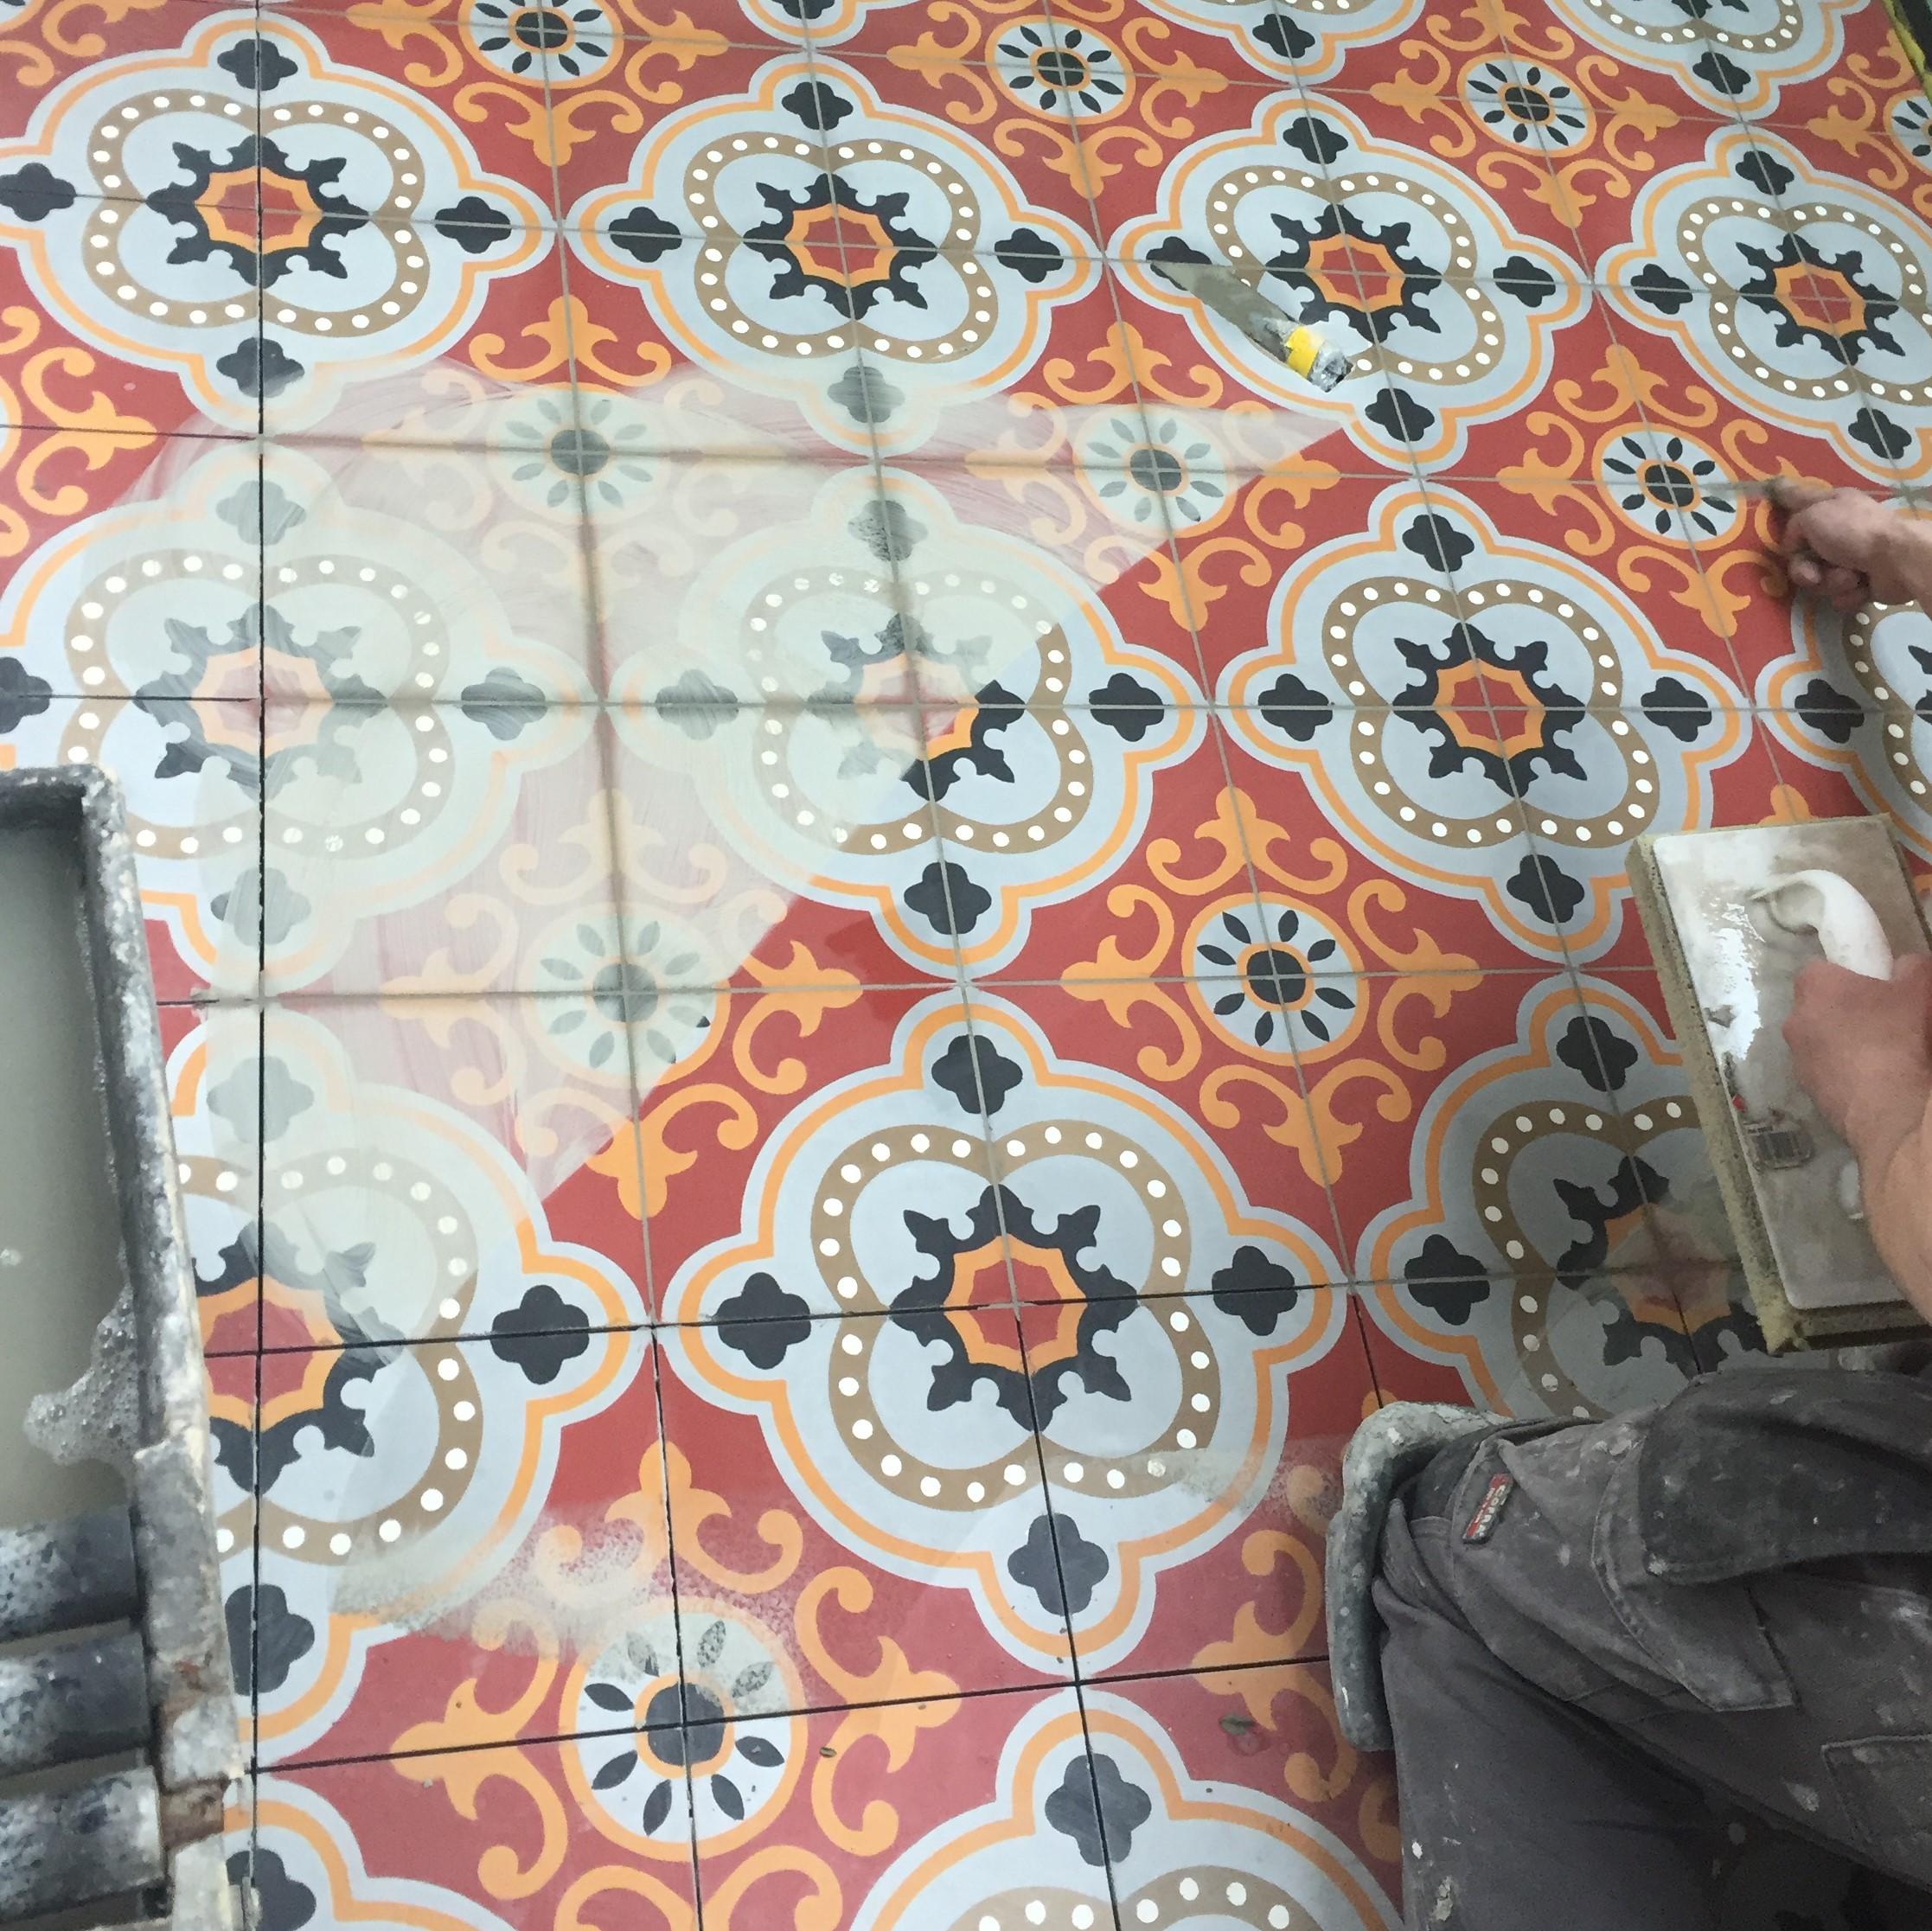 Pose de Carreaux de ciment pour la rénovation d'une salle de bain à Moncoutant. BOSSARD rénove selon vos goûts et les tendances. BOSSARD est basée à Moncoutant mais intervient à Bressuire, L'absie, Secondigny, Coulonges sur l'Autize, Pouzauge, La chataigneraie